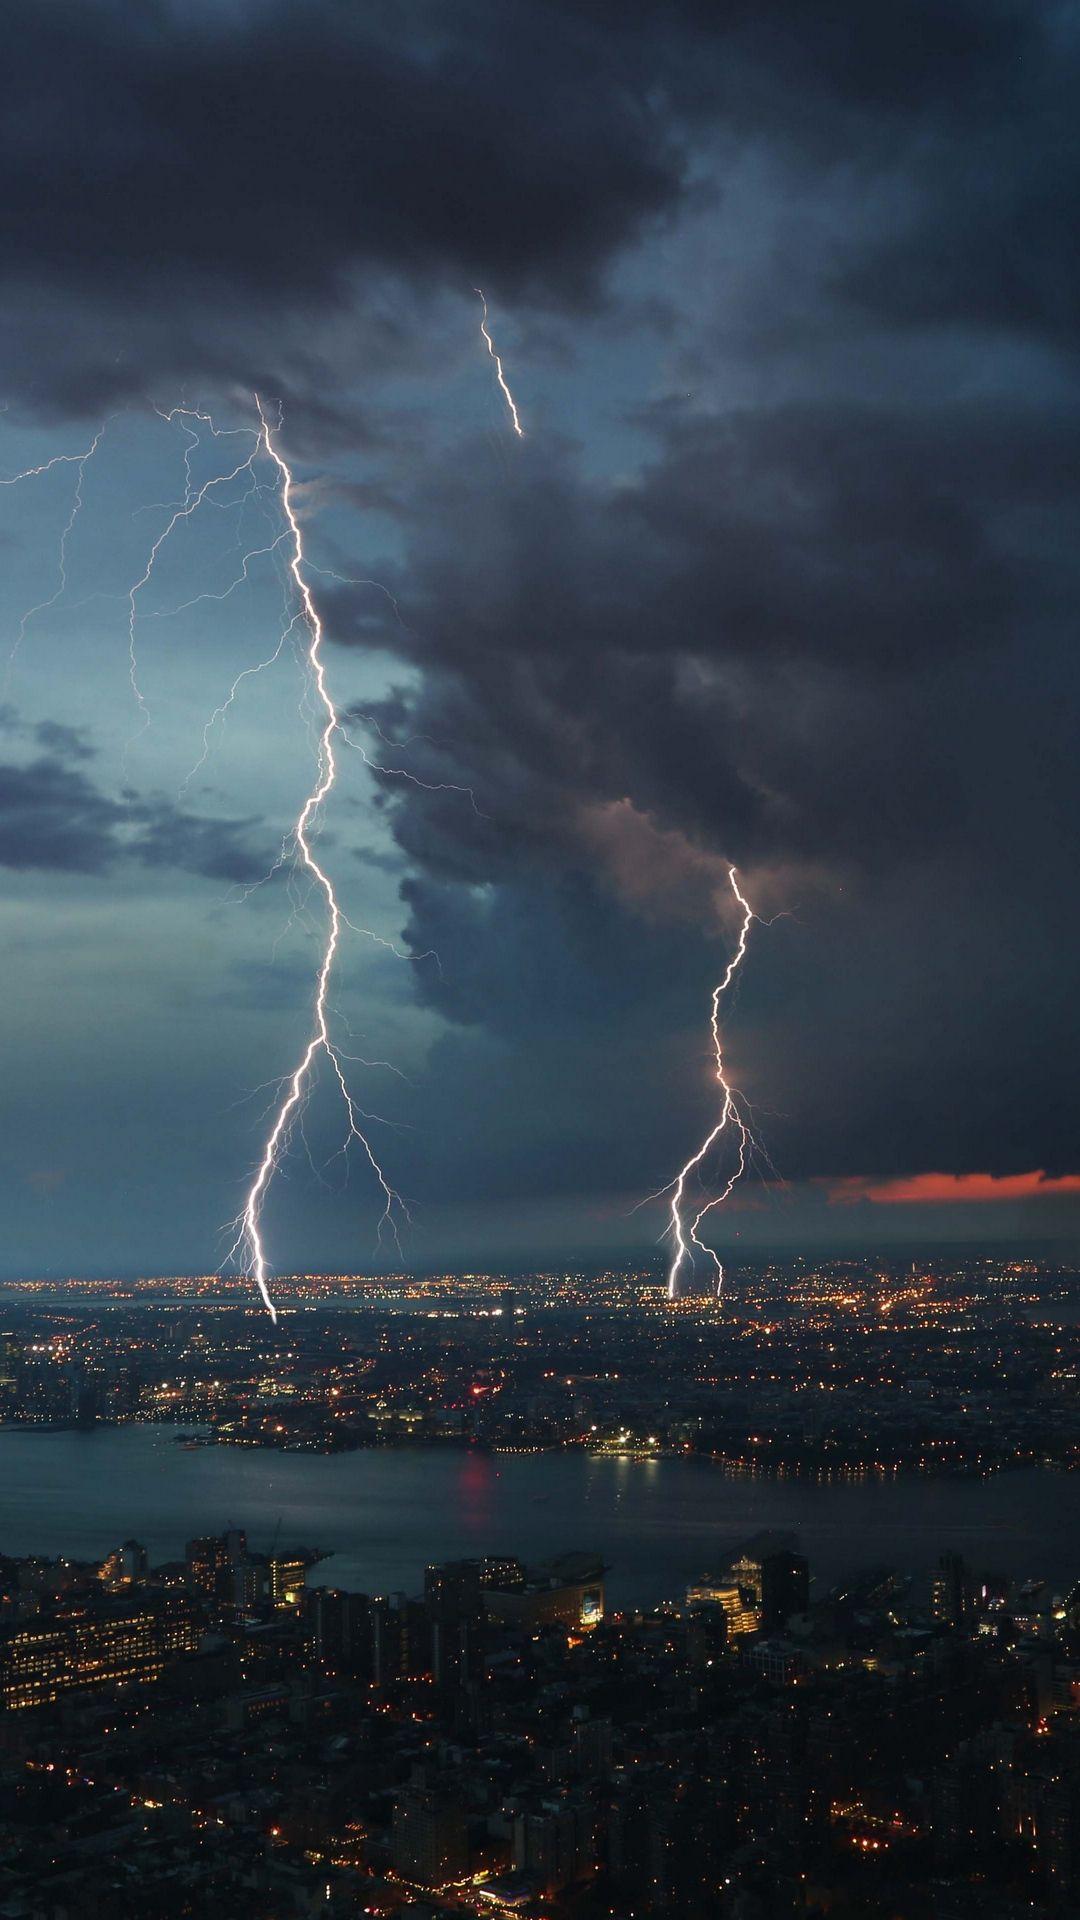 1080x1920 Wallpaper thunderstorm city sky overcast Aesthetic 1080x1920